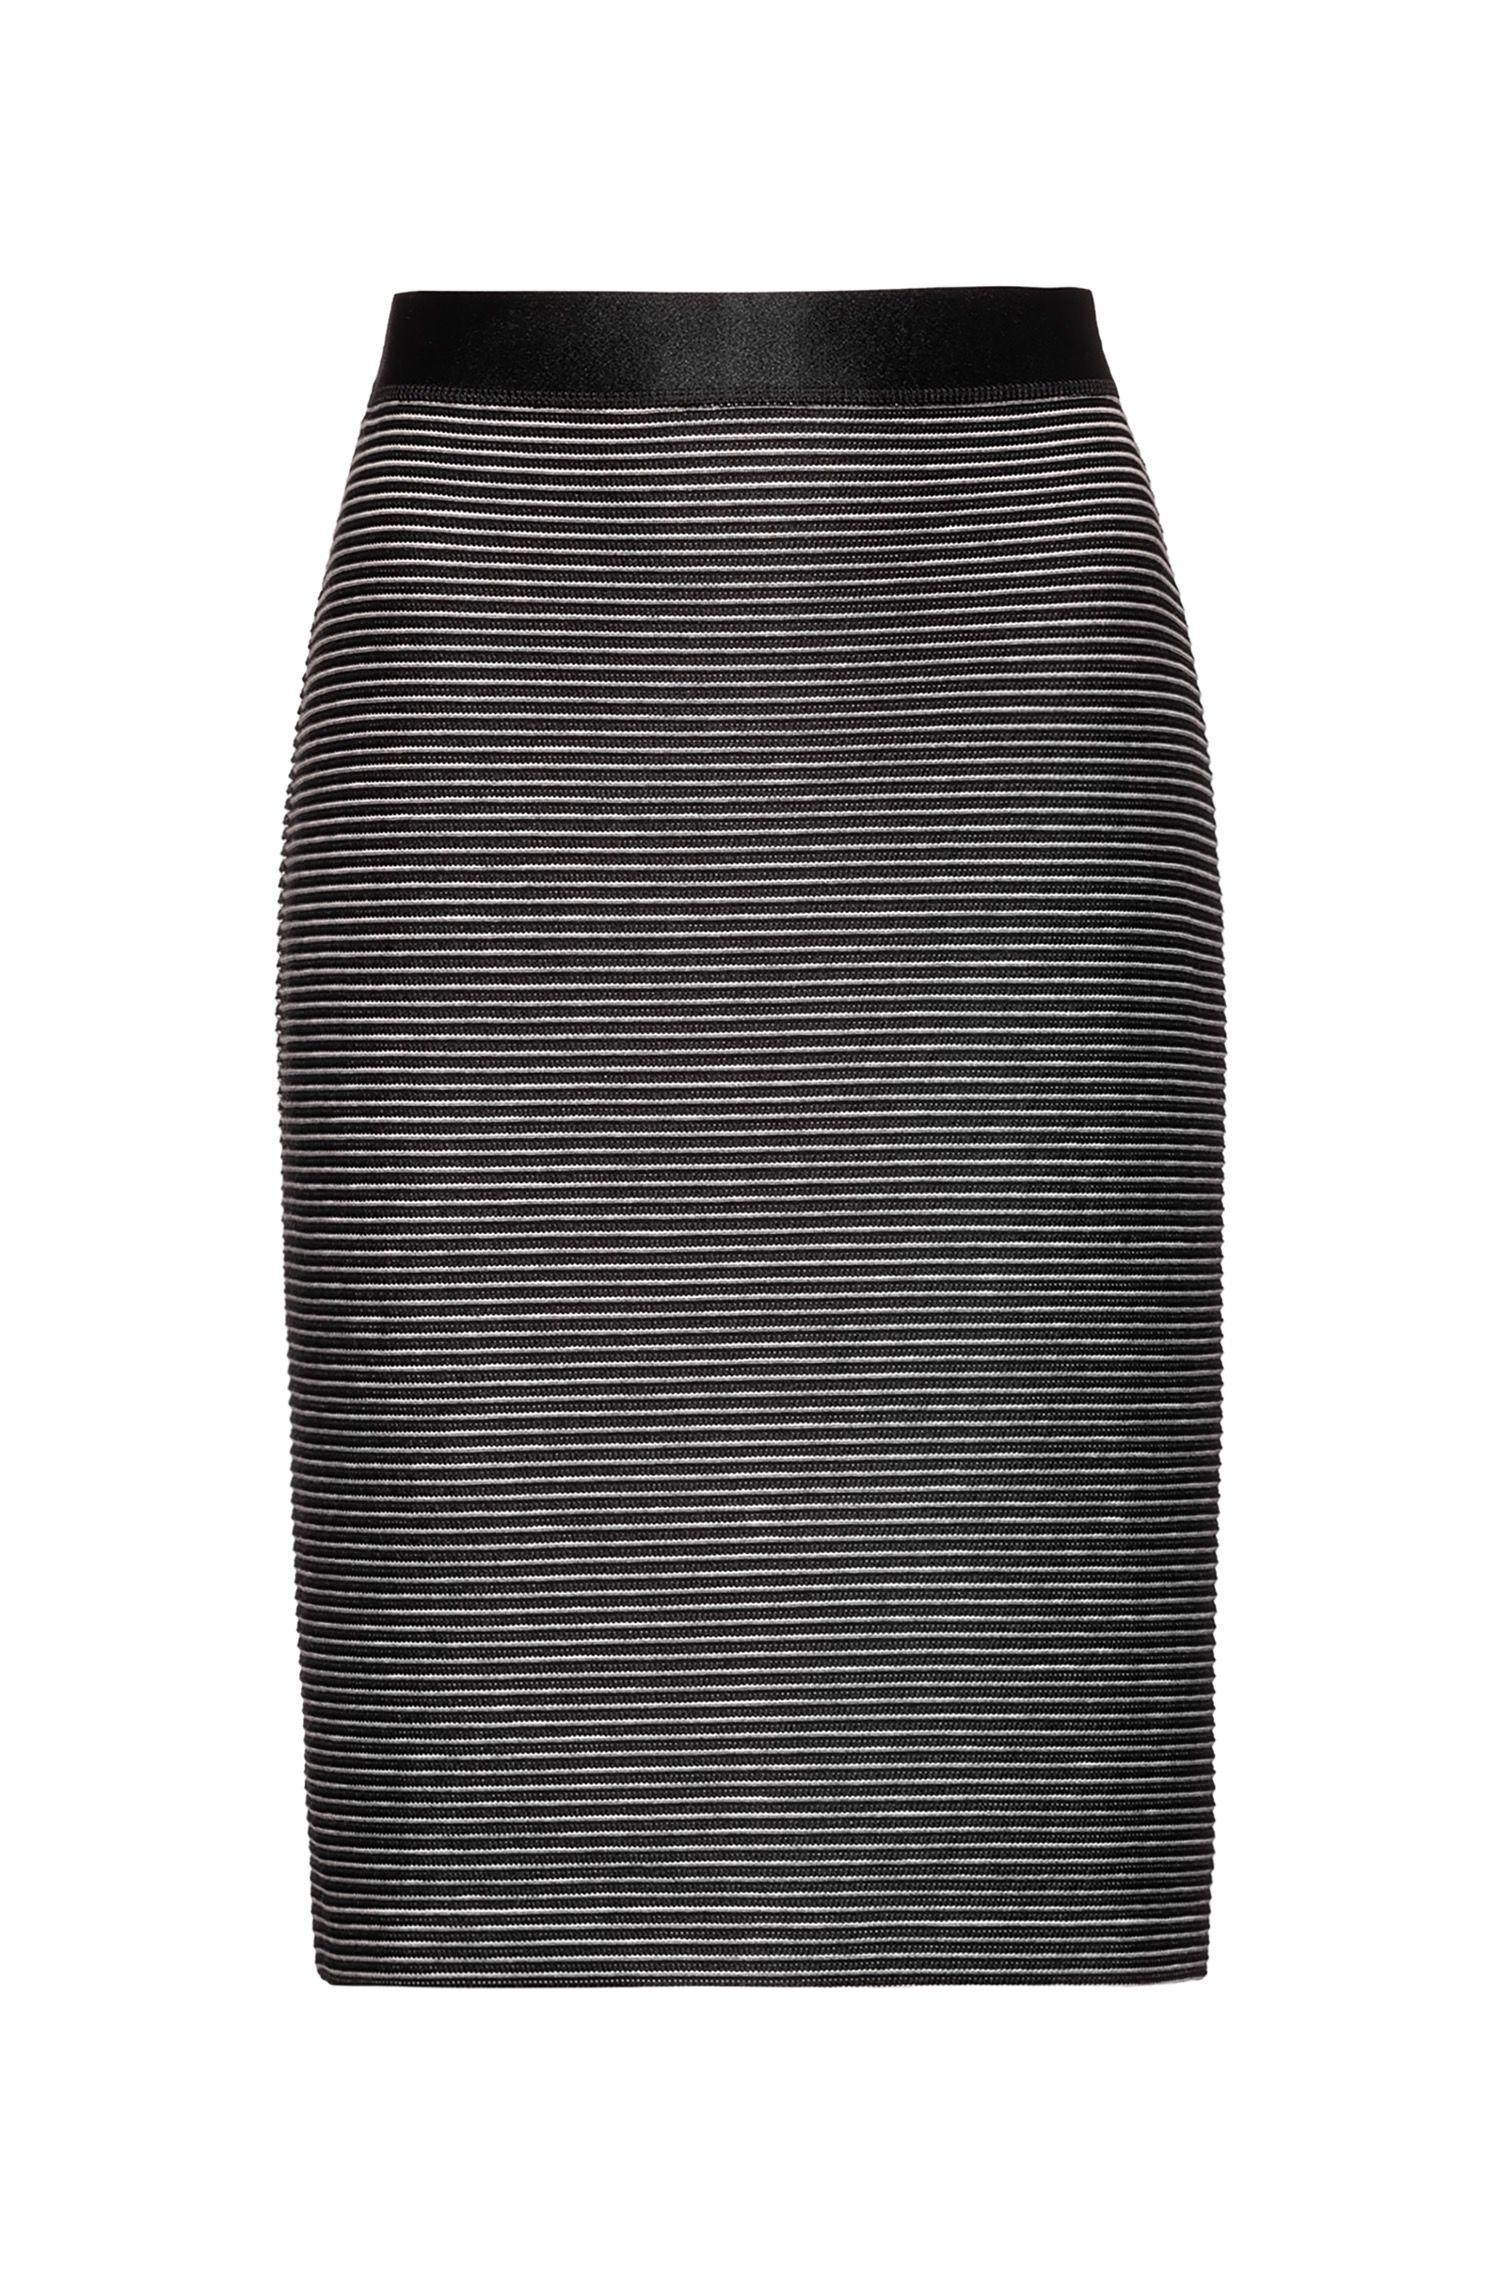 Jupe courte en jersey ottoman à taille haute, Noir